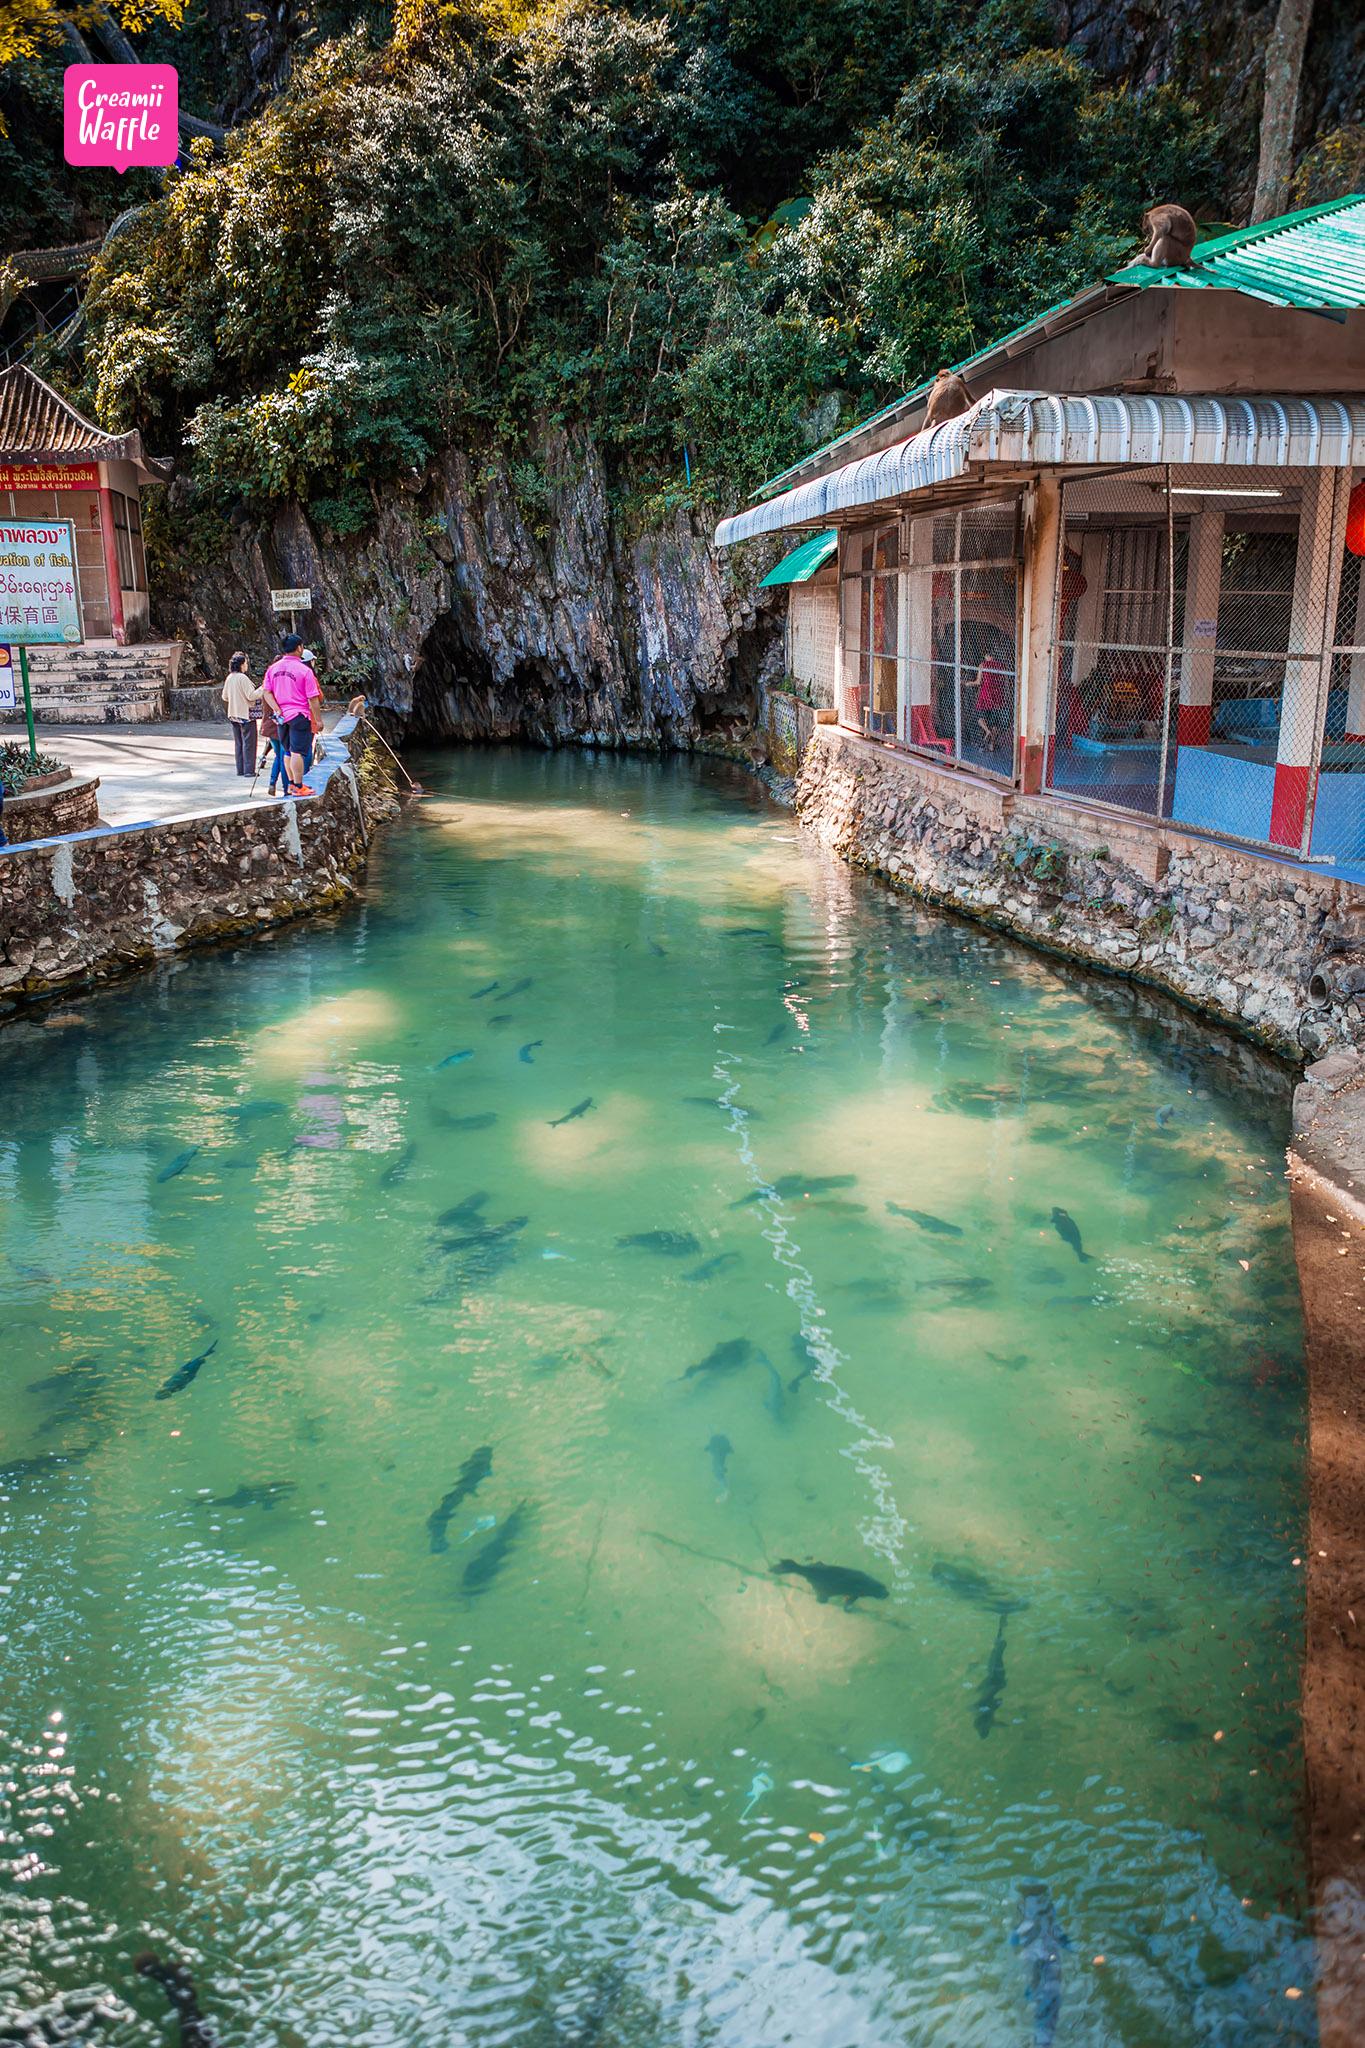 ปลาพลวงหินเกล็ดน้ำเงิน